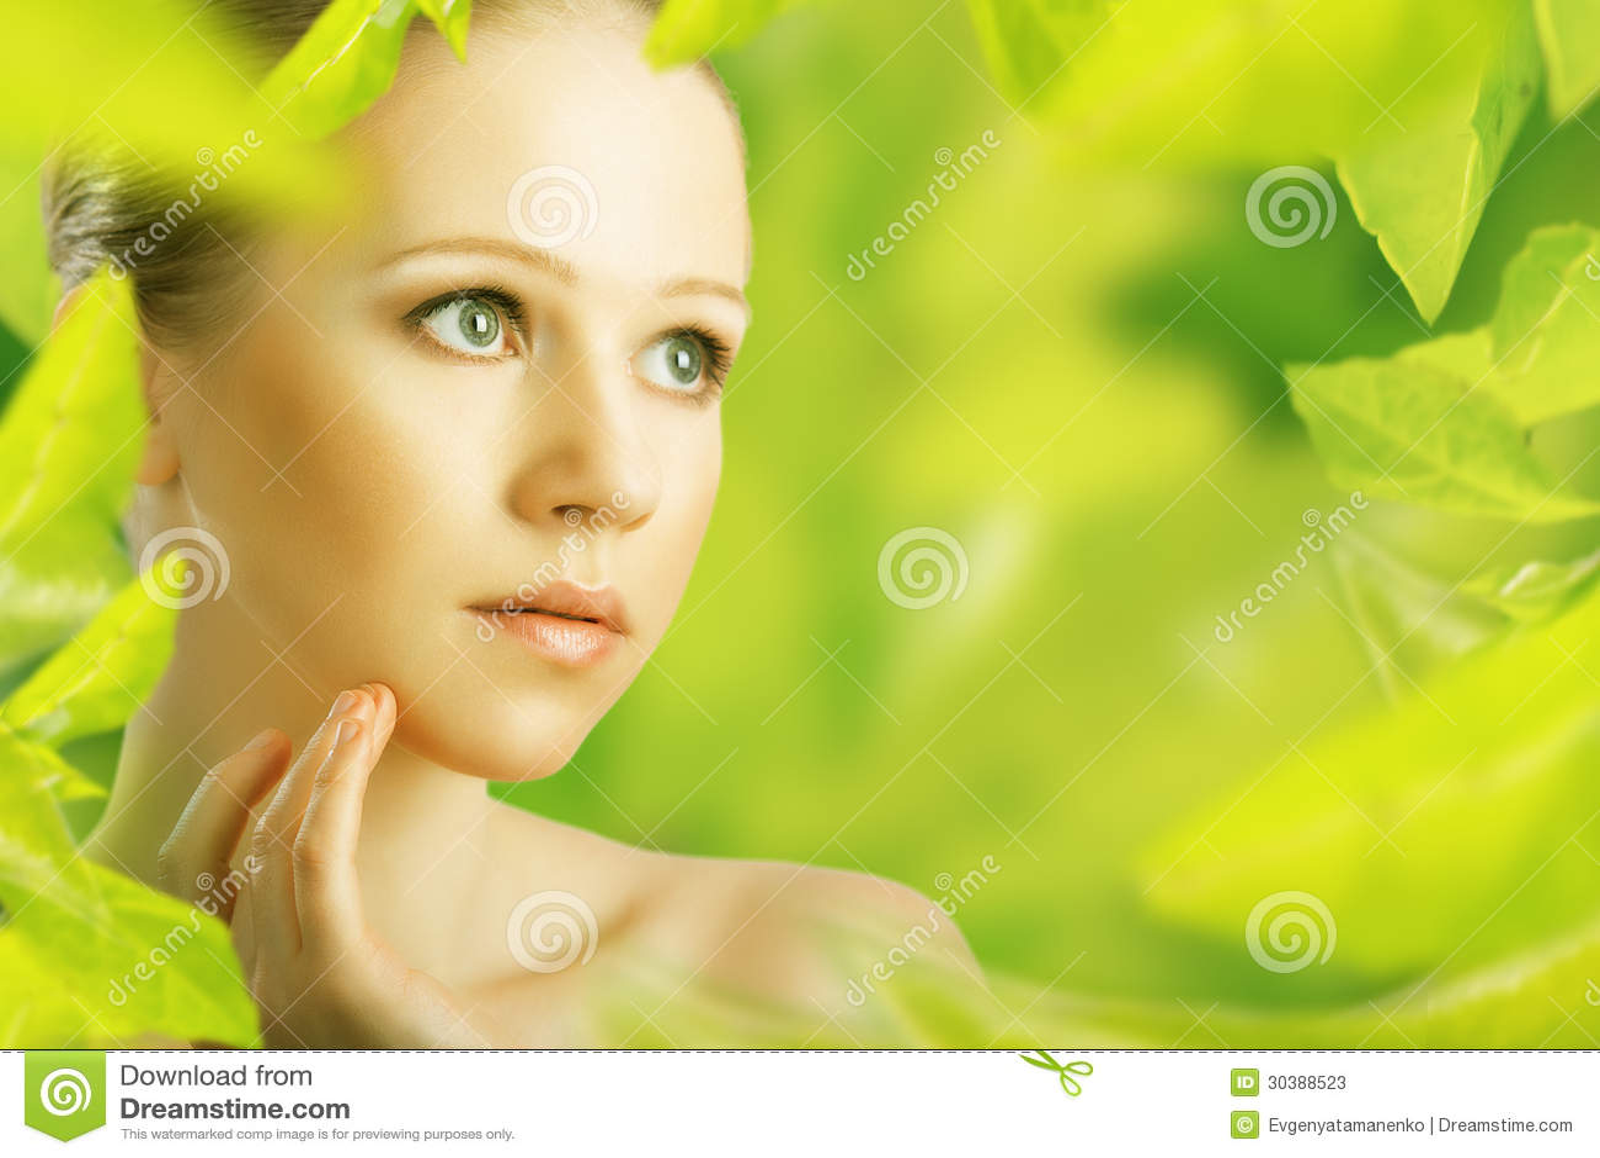 Donna di bellezza e una cura di pelle naturale nel verde